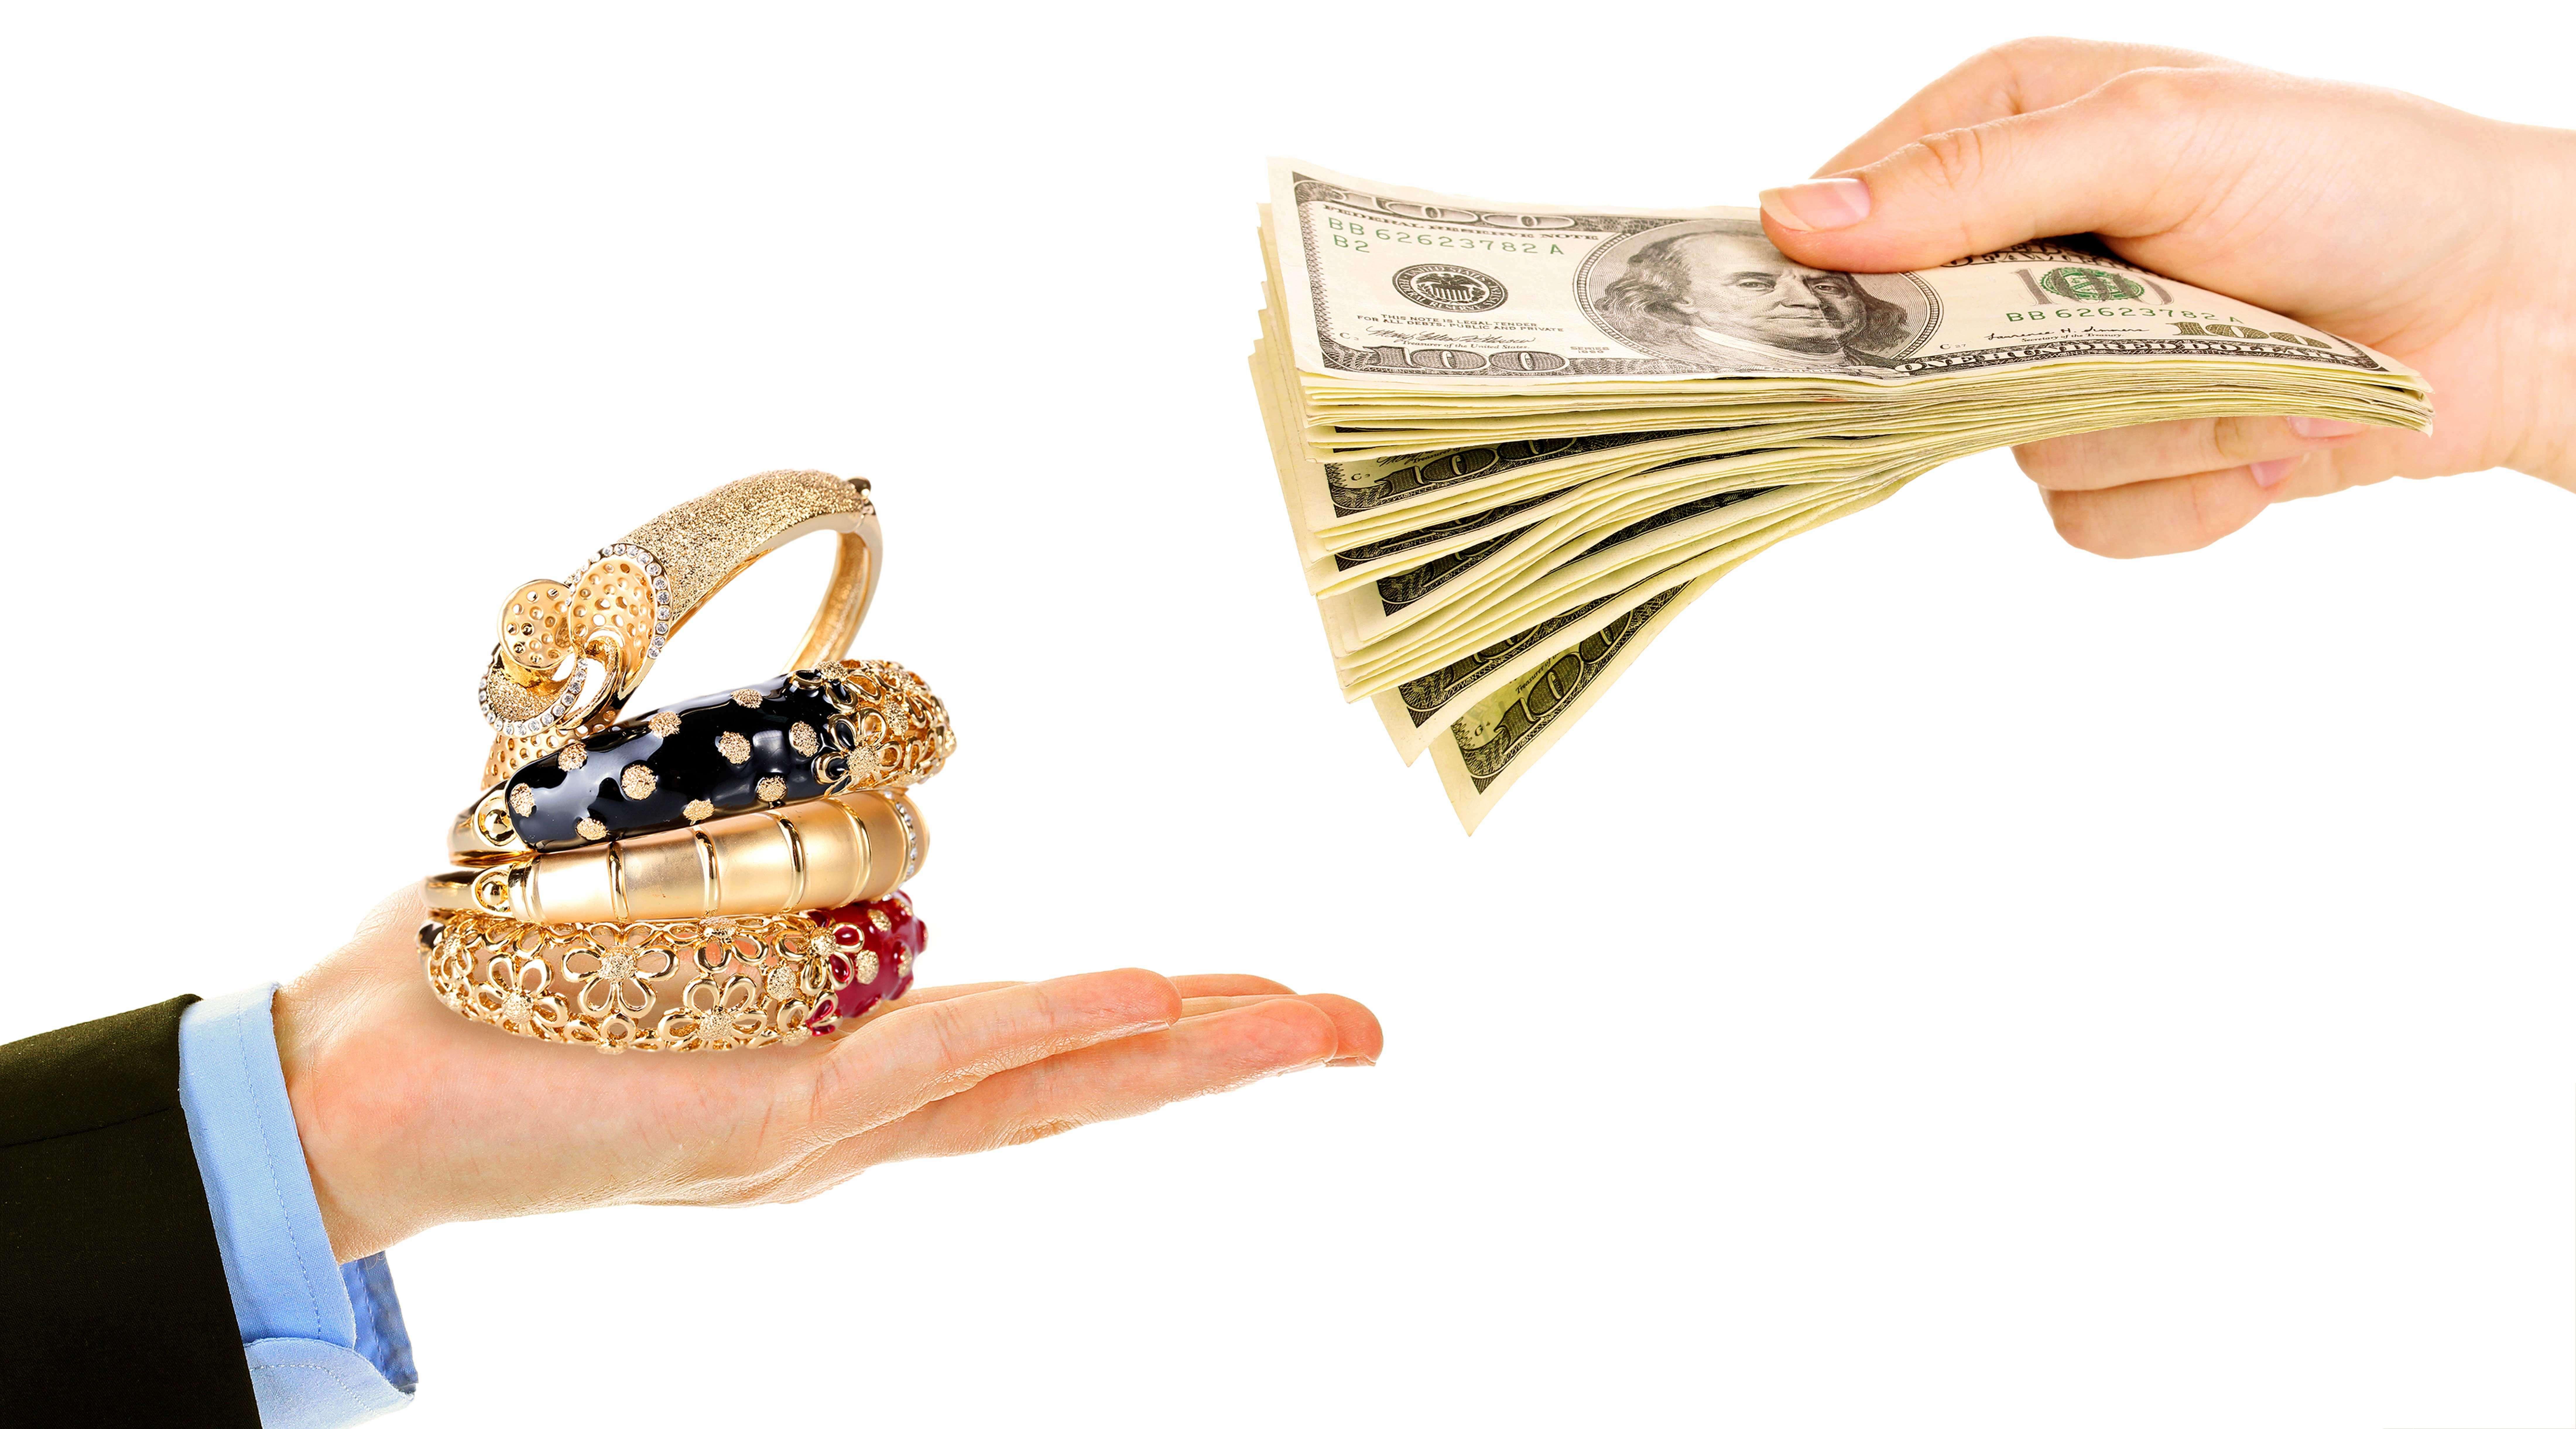 erfolgreicher amazon schmuck-händler rabatt rechnungskauf bezahloptionen online-umsätze